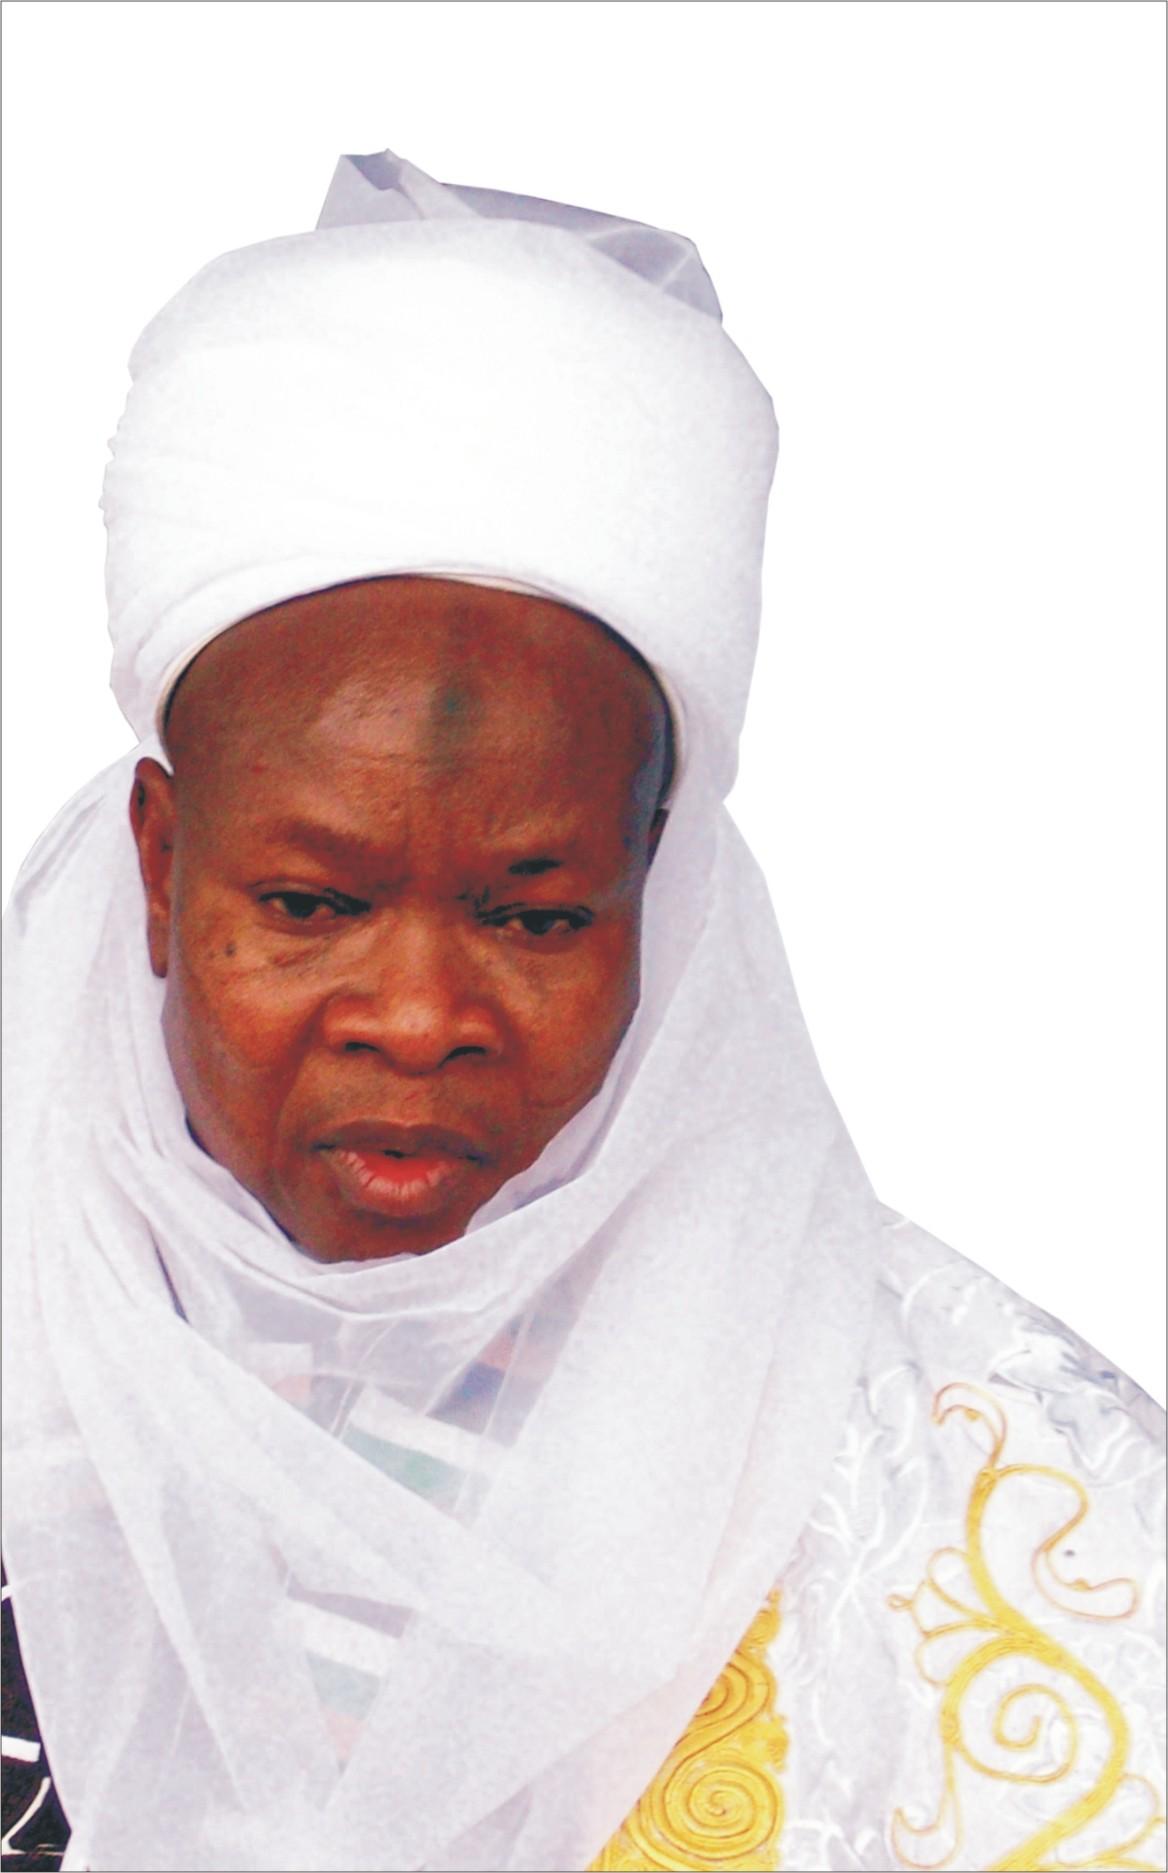 Arisekola - a turban in the bank?